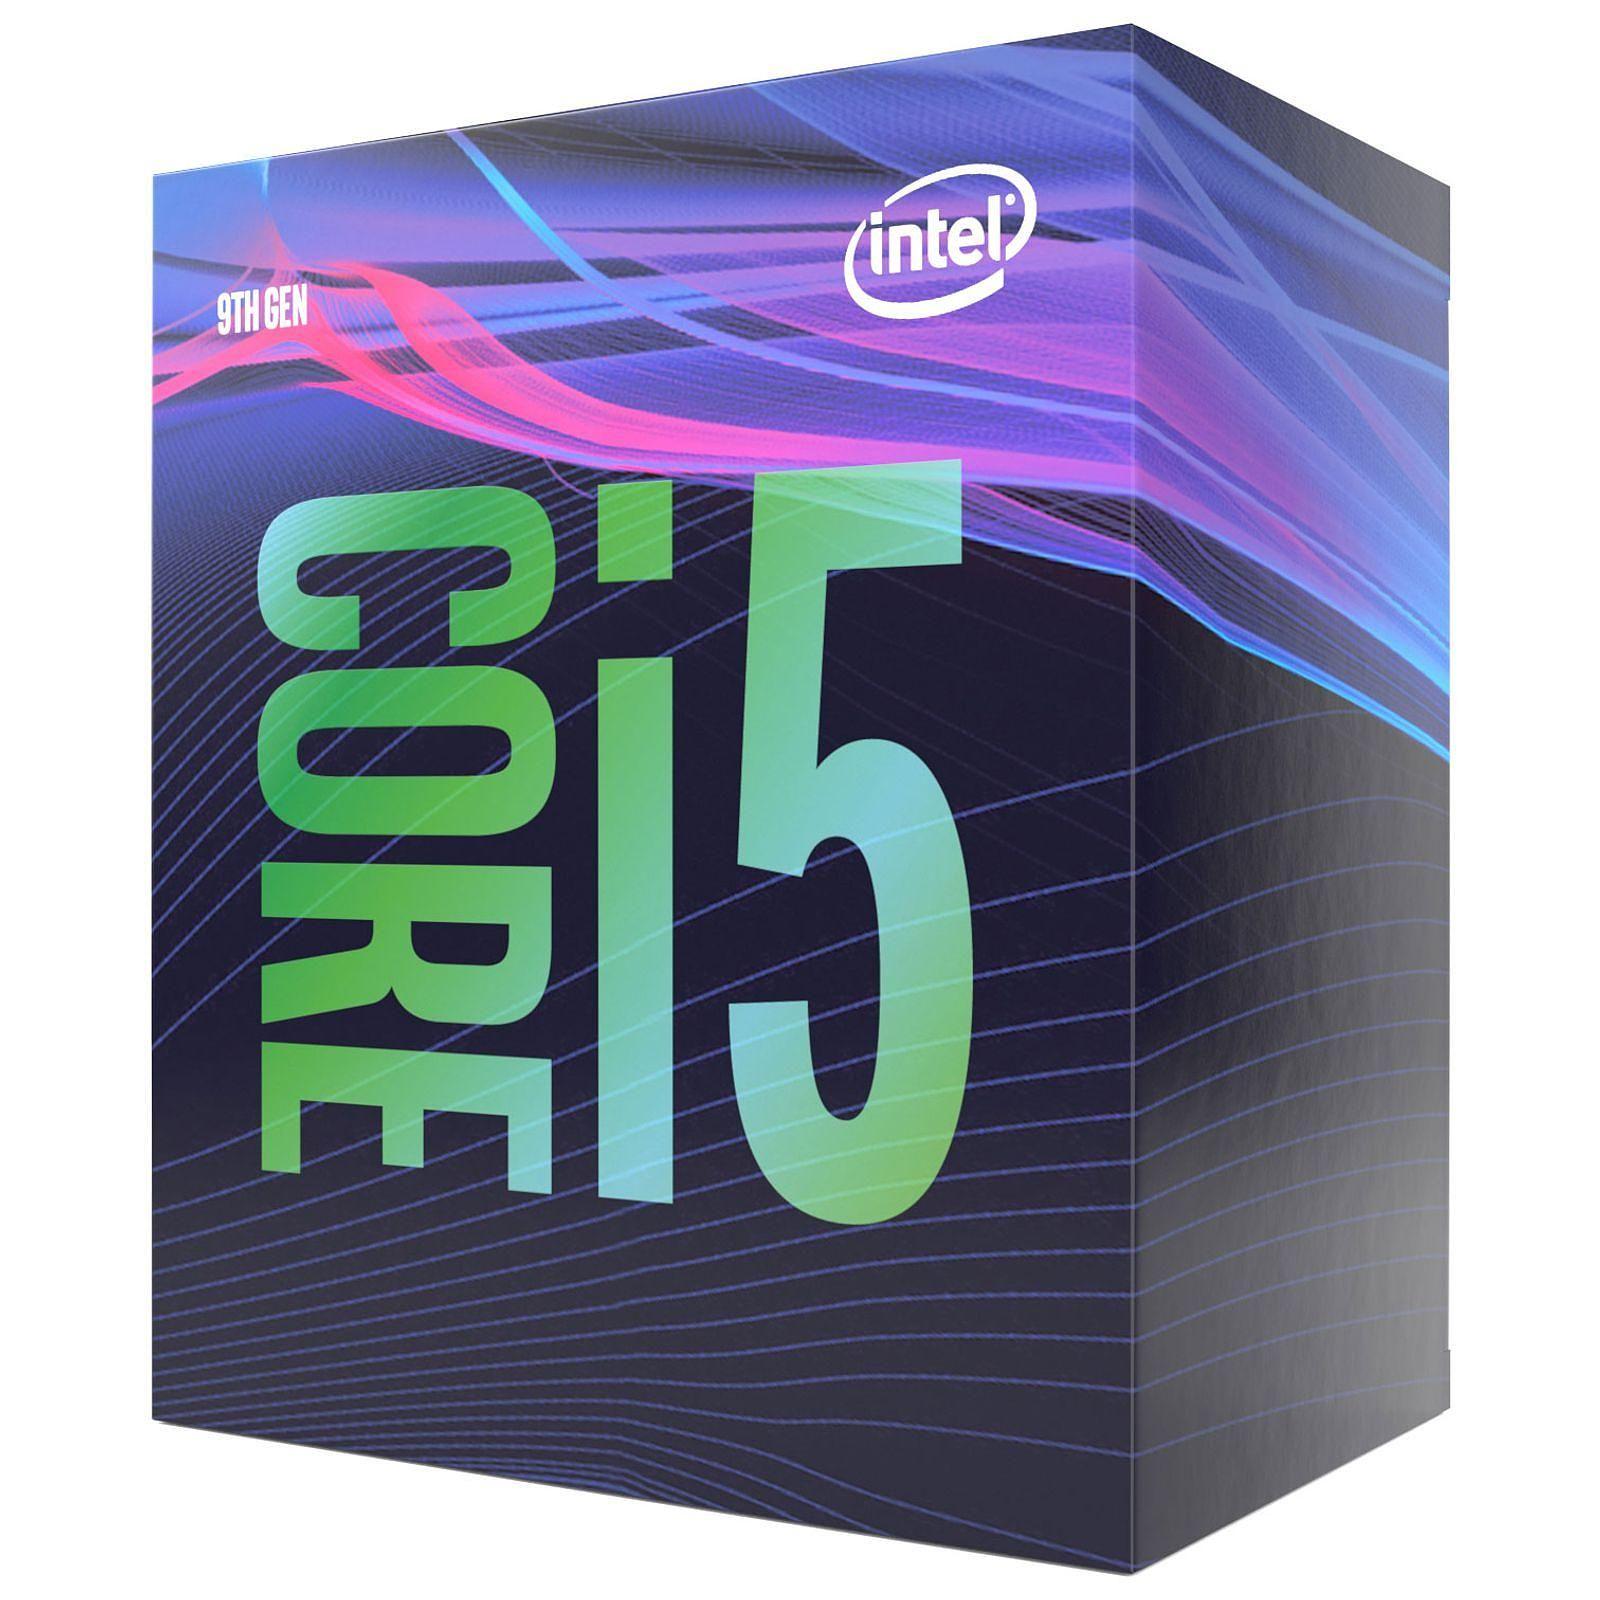 Intel Core i5-9400 - 2.9GHz - Processeur Intel - Cybertek.fr - 1